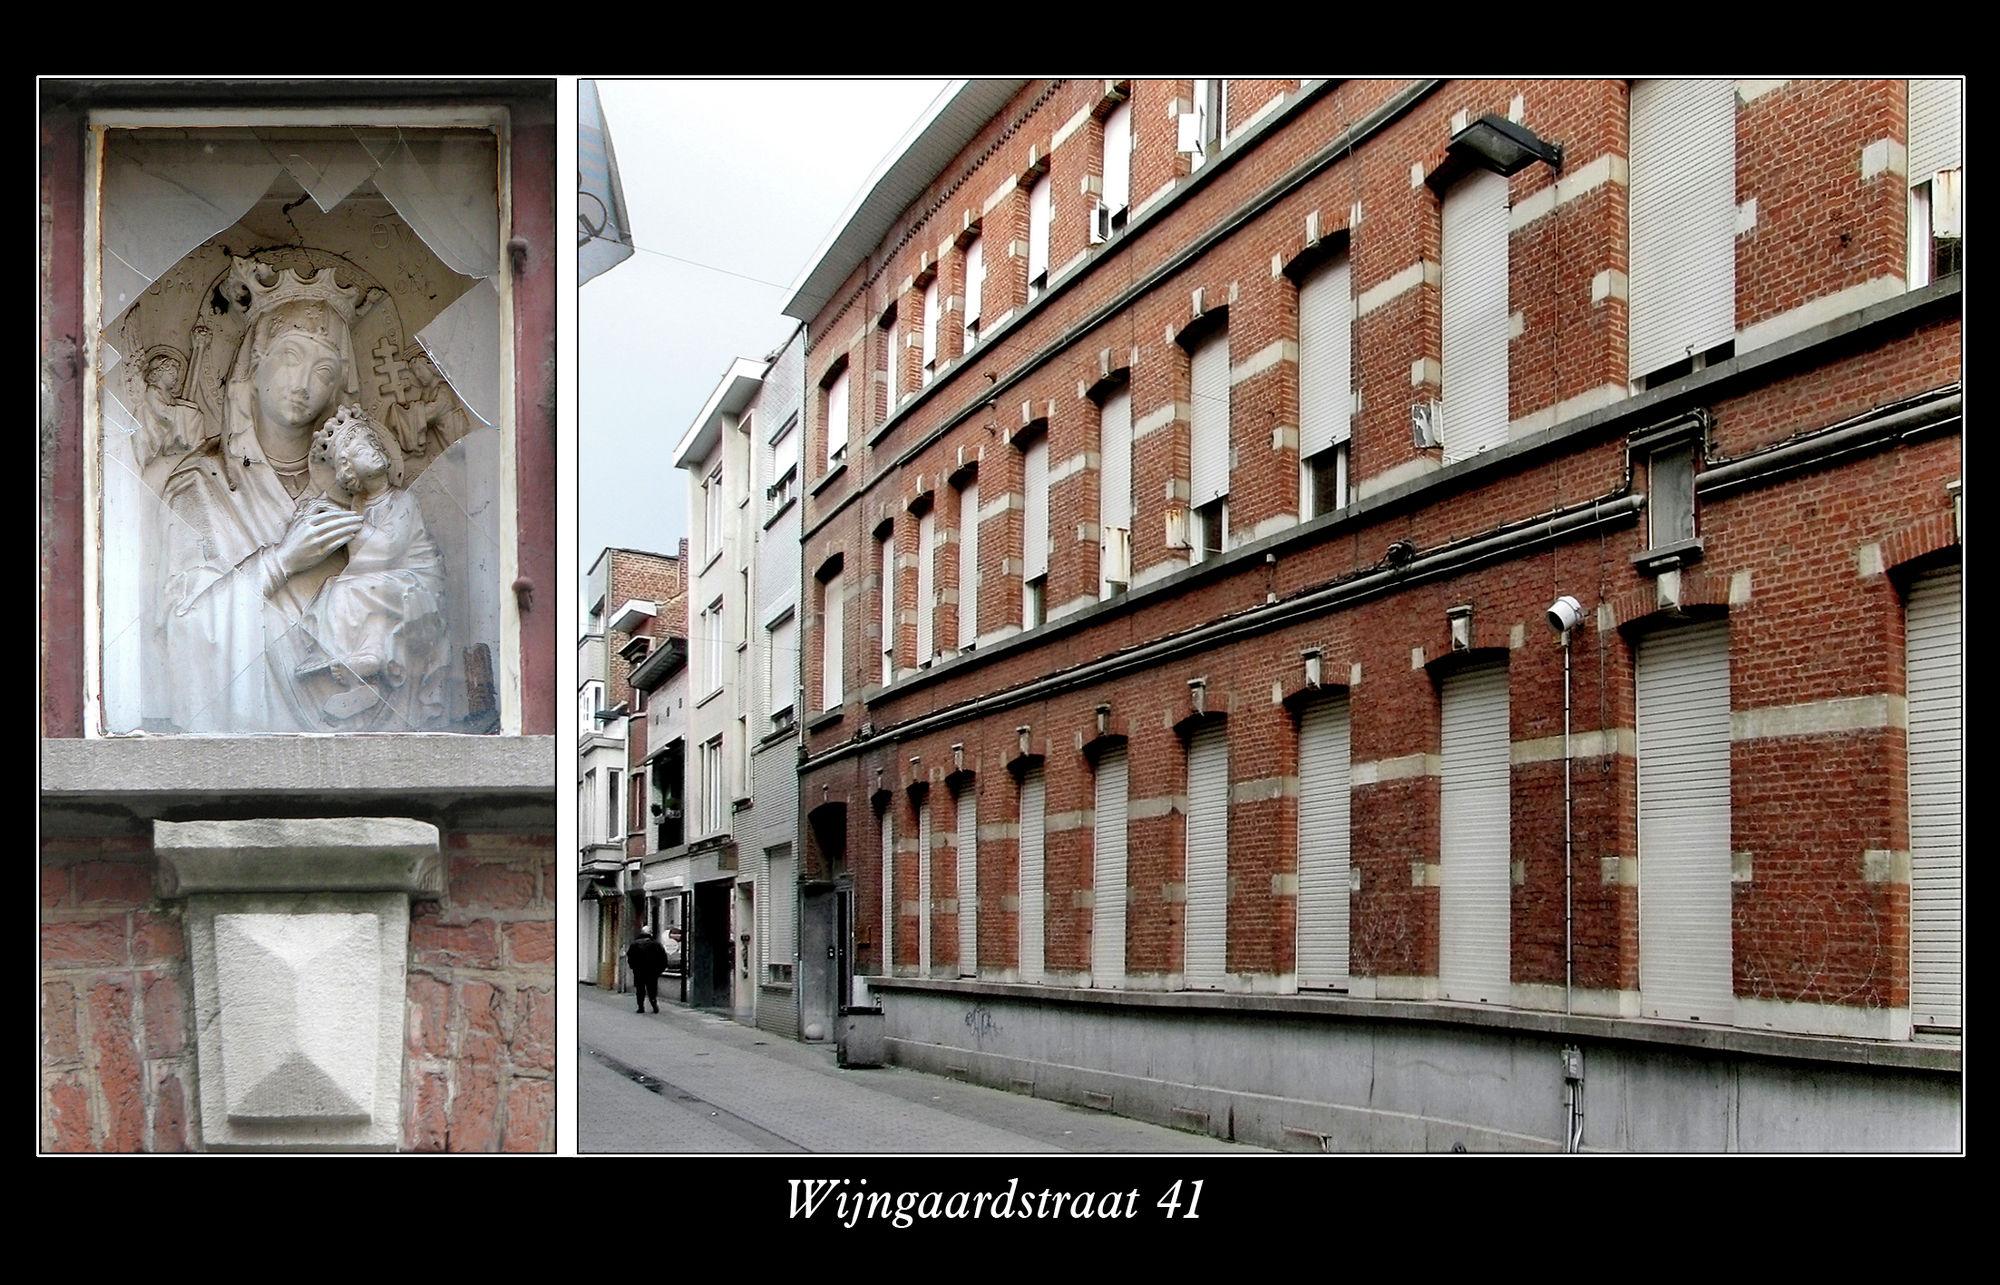 Muurkapel Wijngaardstraat